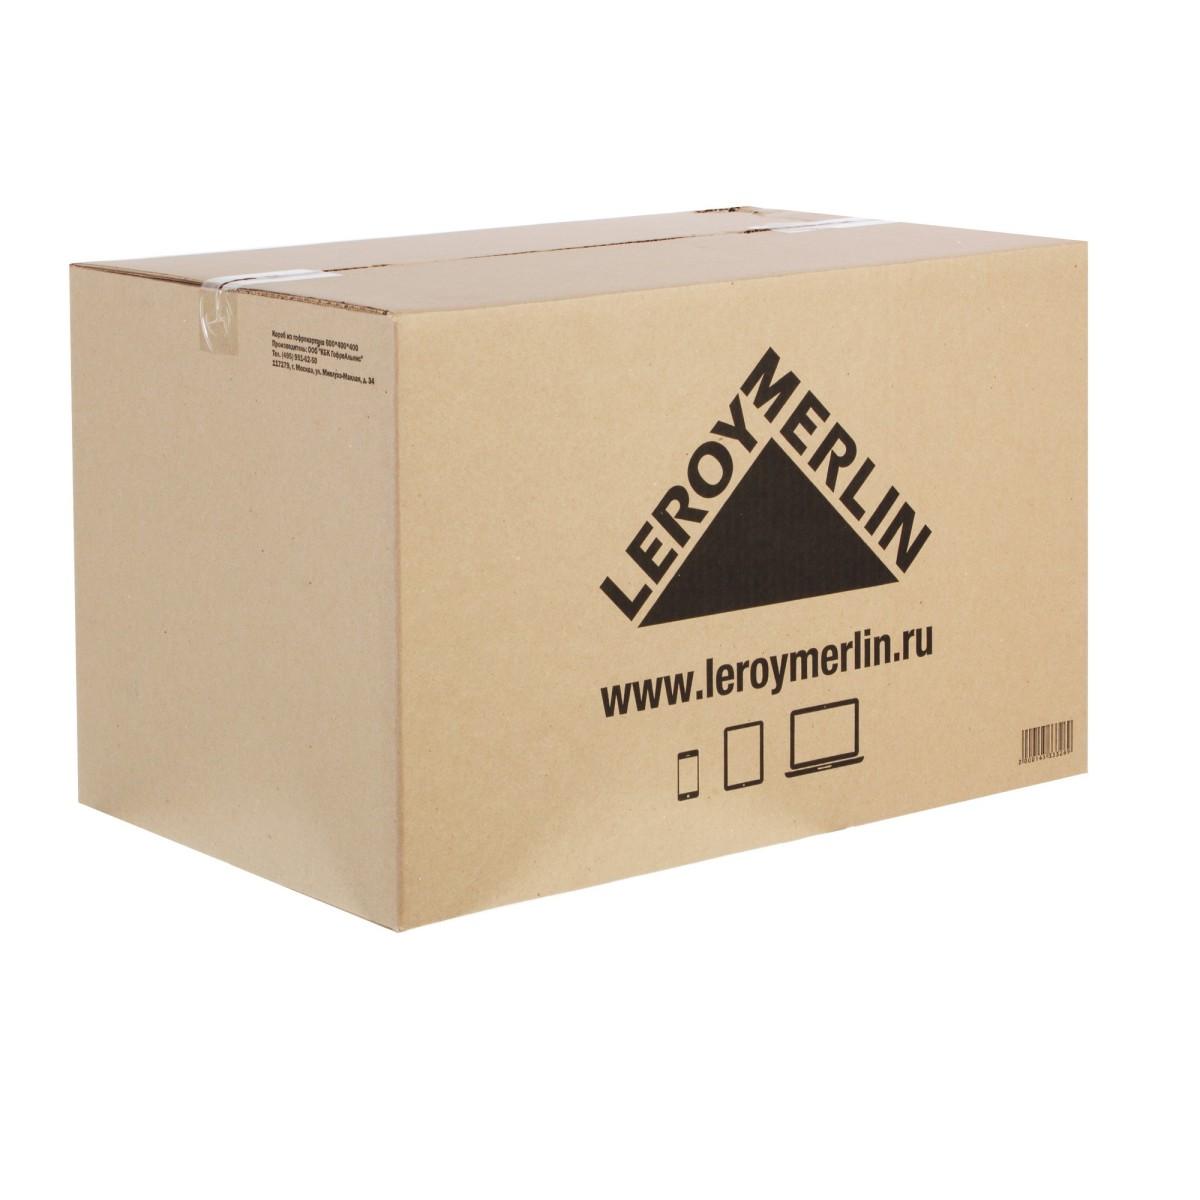 Короб для переезда 60х40х40 см картон